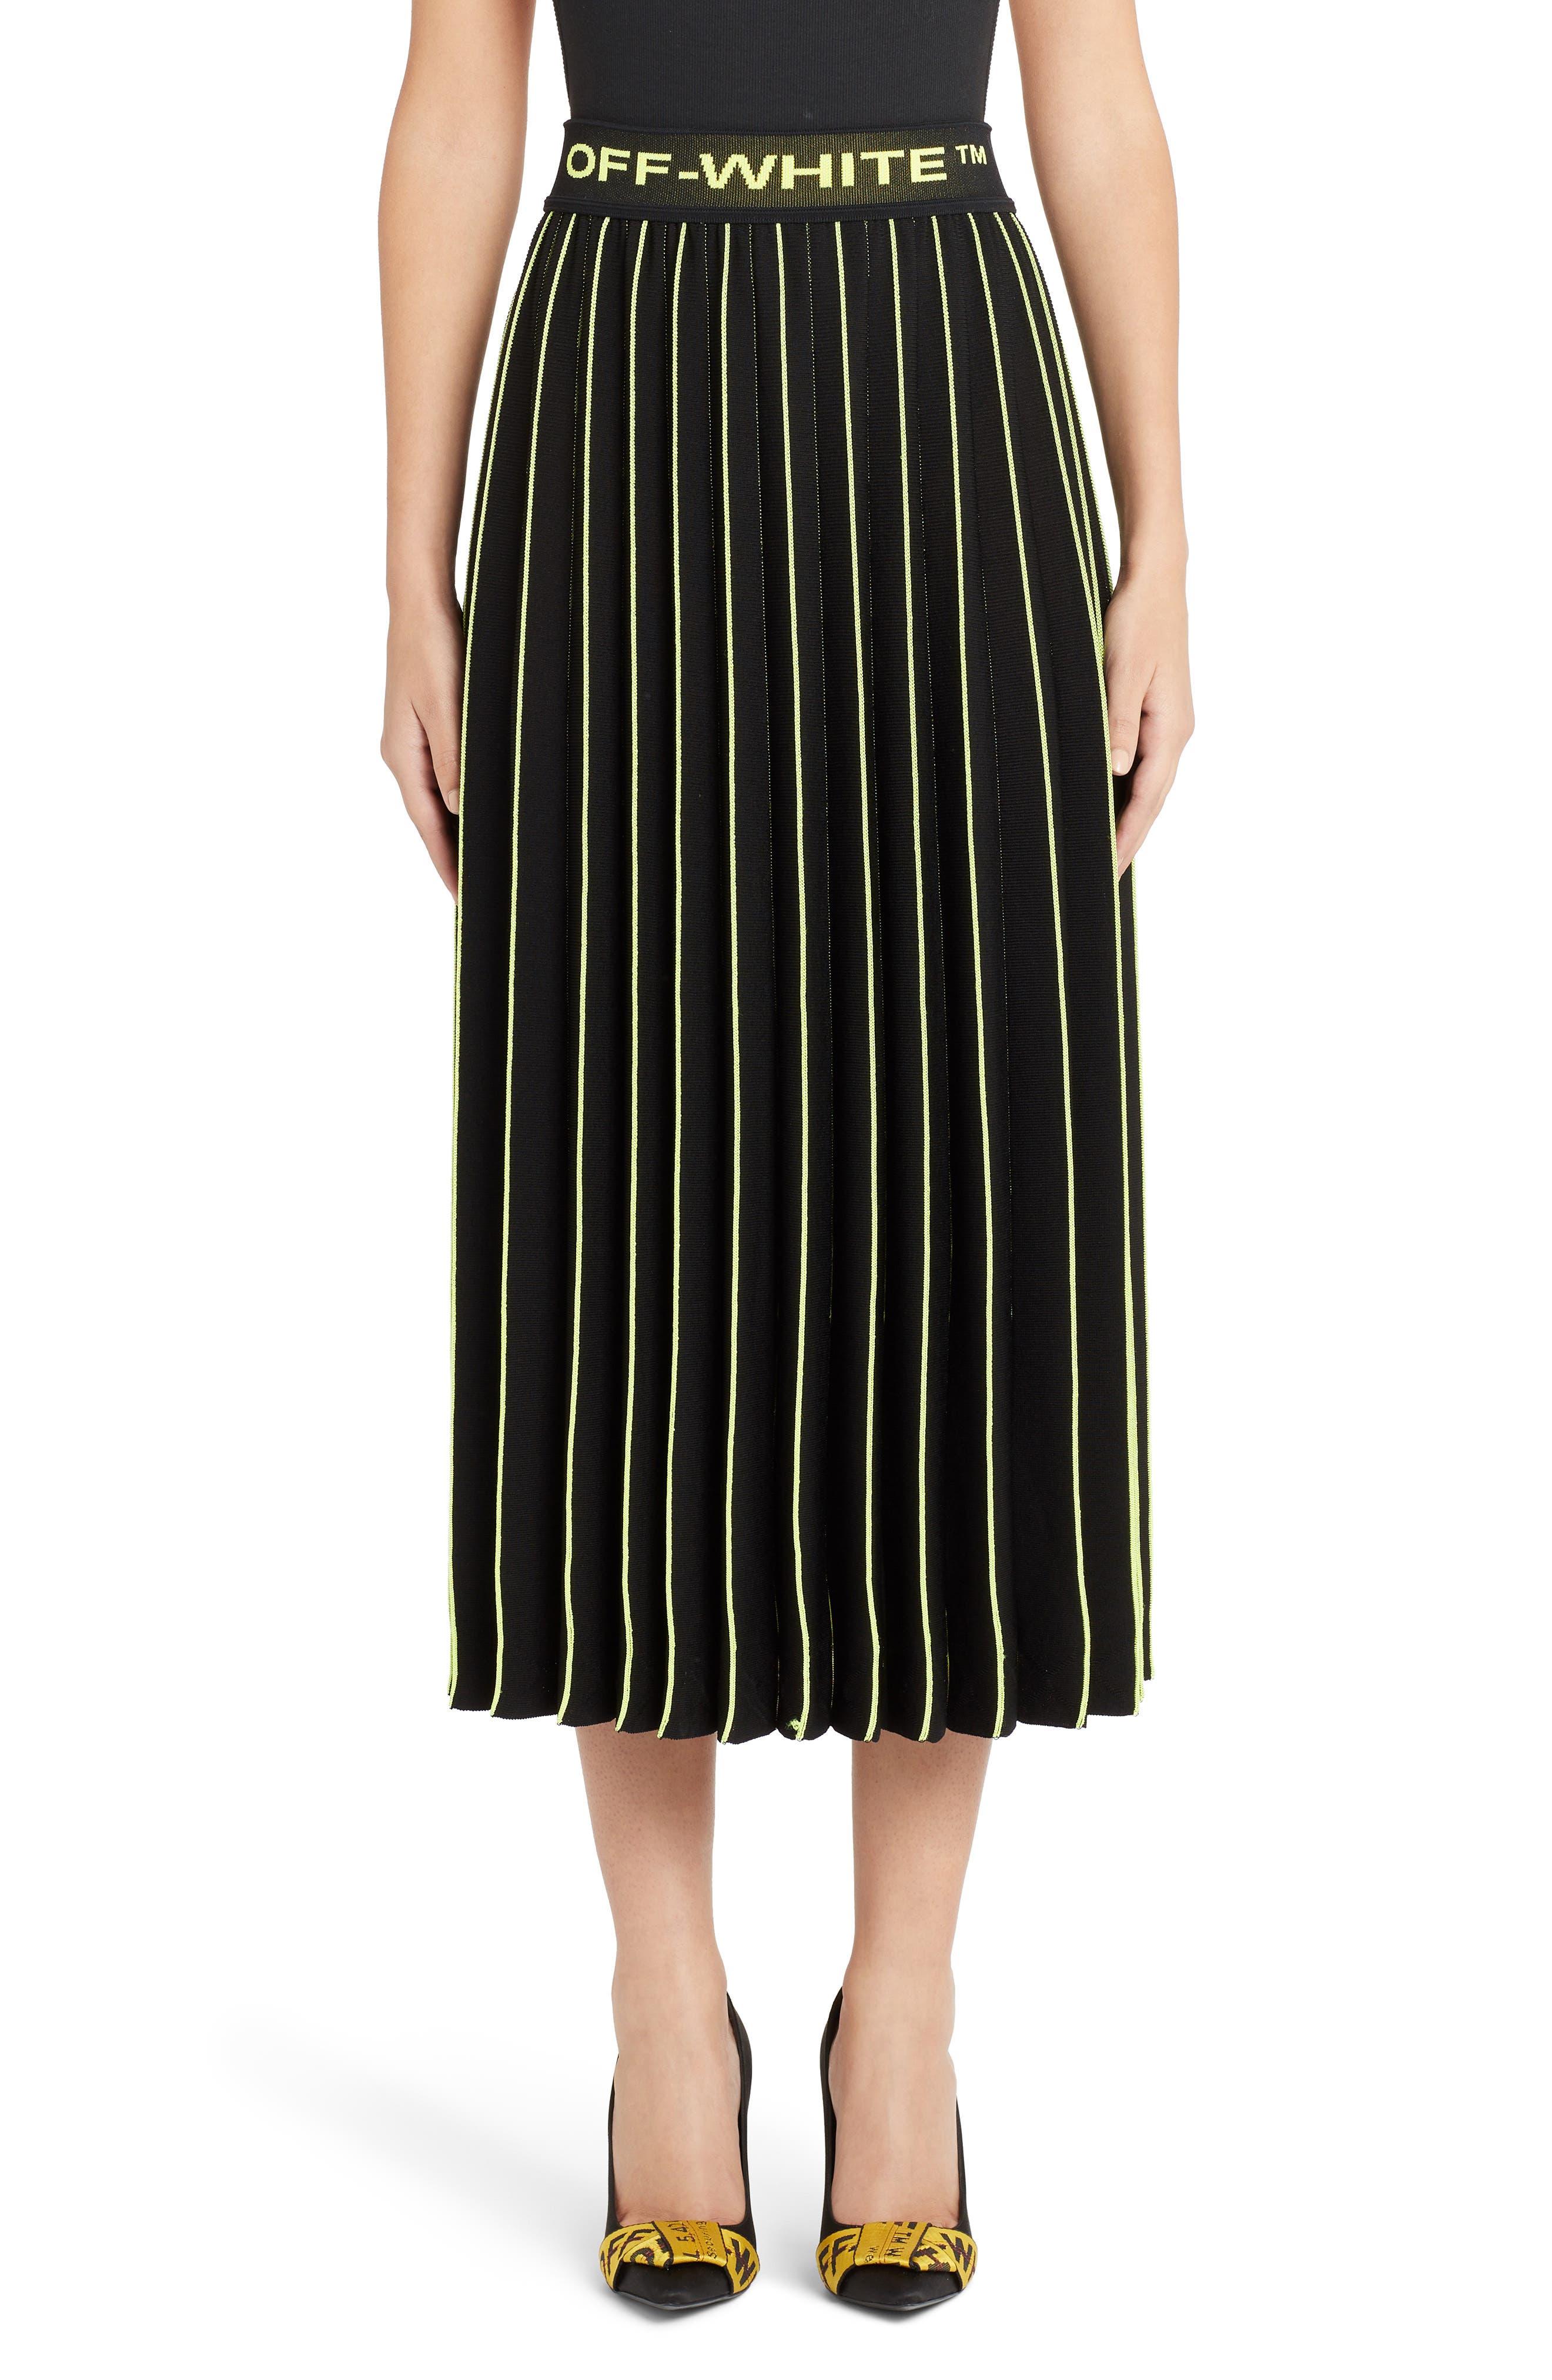 OFF-WHITE, Plissé Sweater Skirt, Main thumbnail 1, color, BLACK